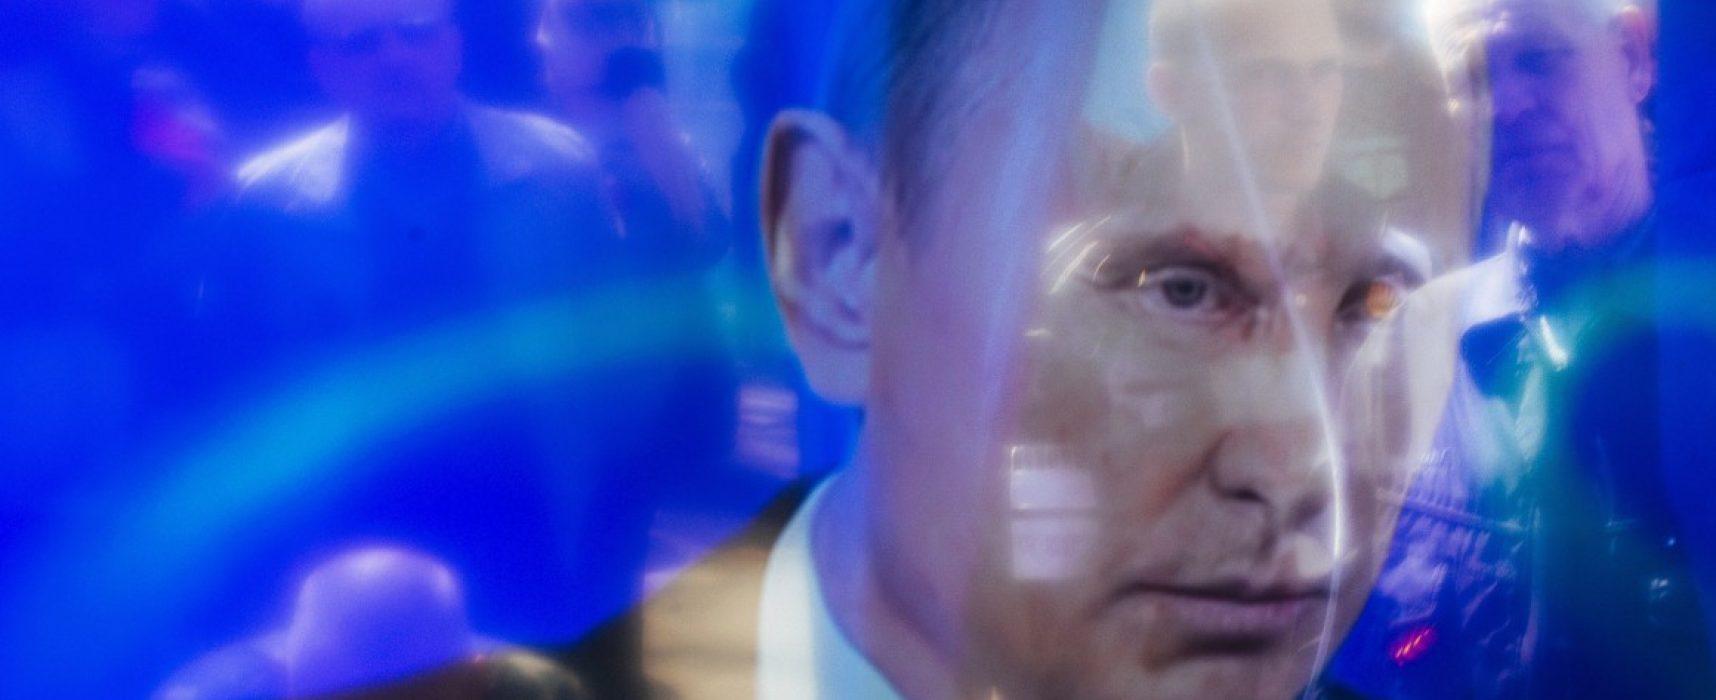 Síla ruské propagandy může stisknout jaderné tlačítko